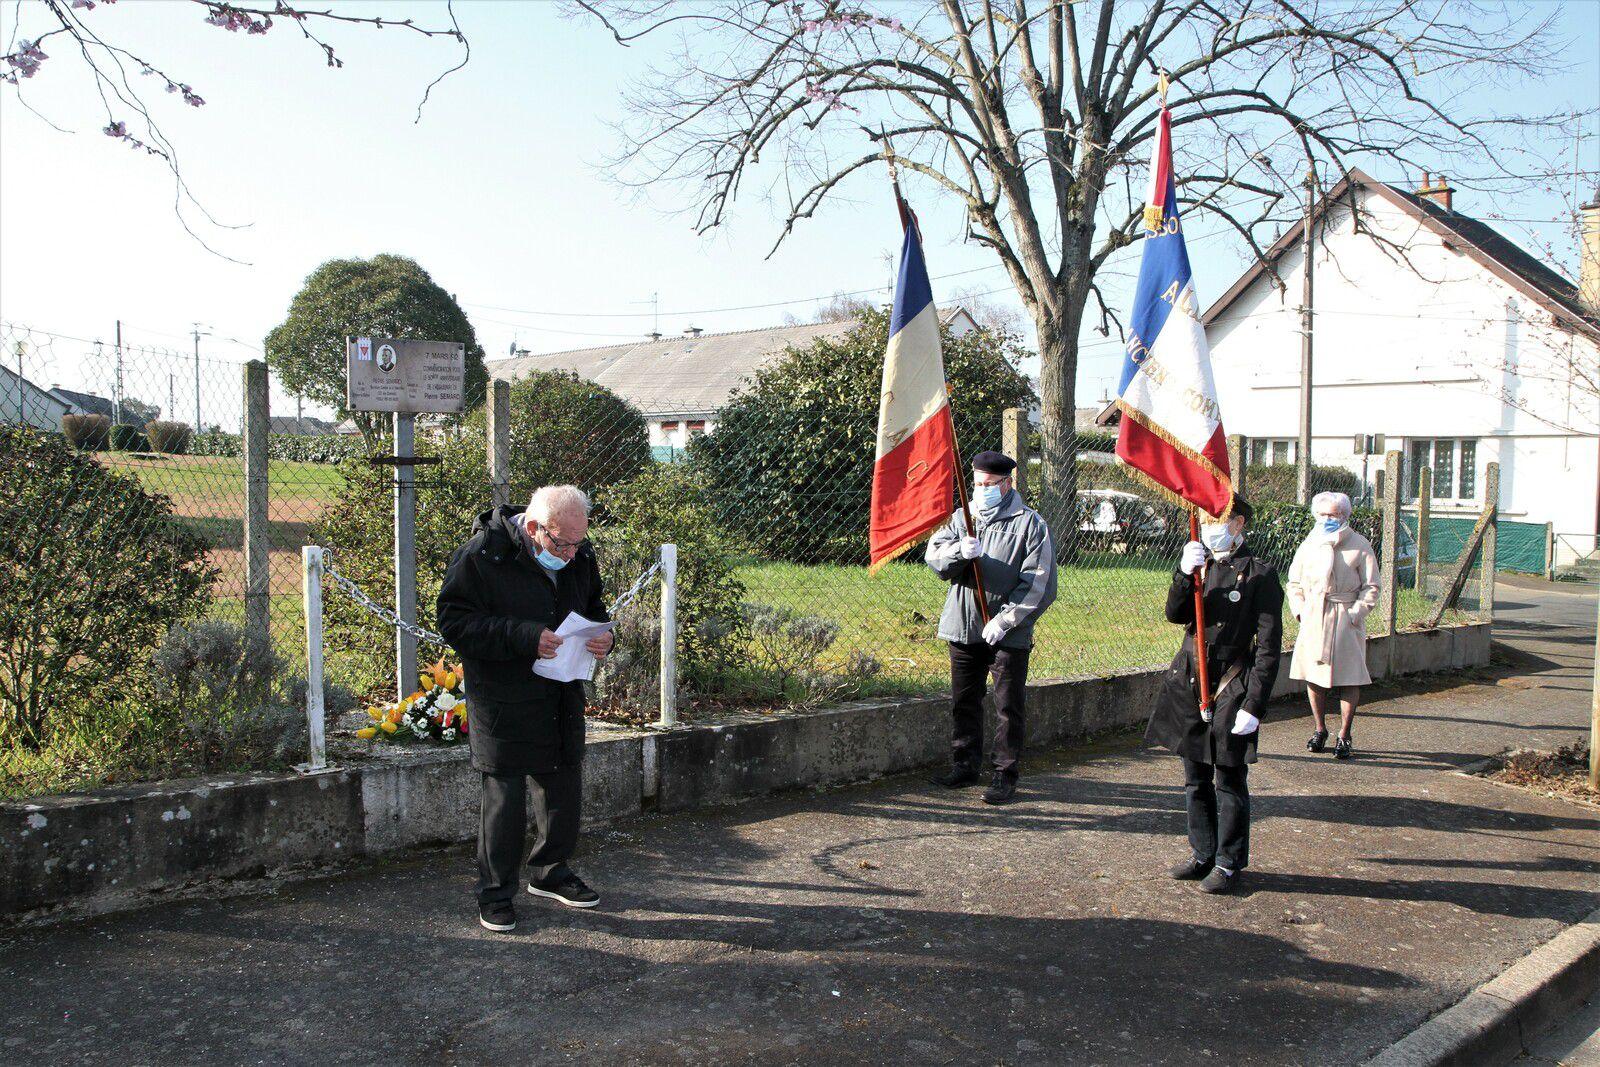 8.03.2021 Commémoration Pierre Semard-Journée internationale des droits des femmes.